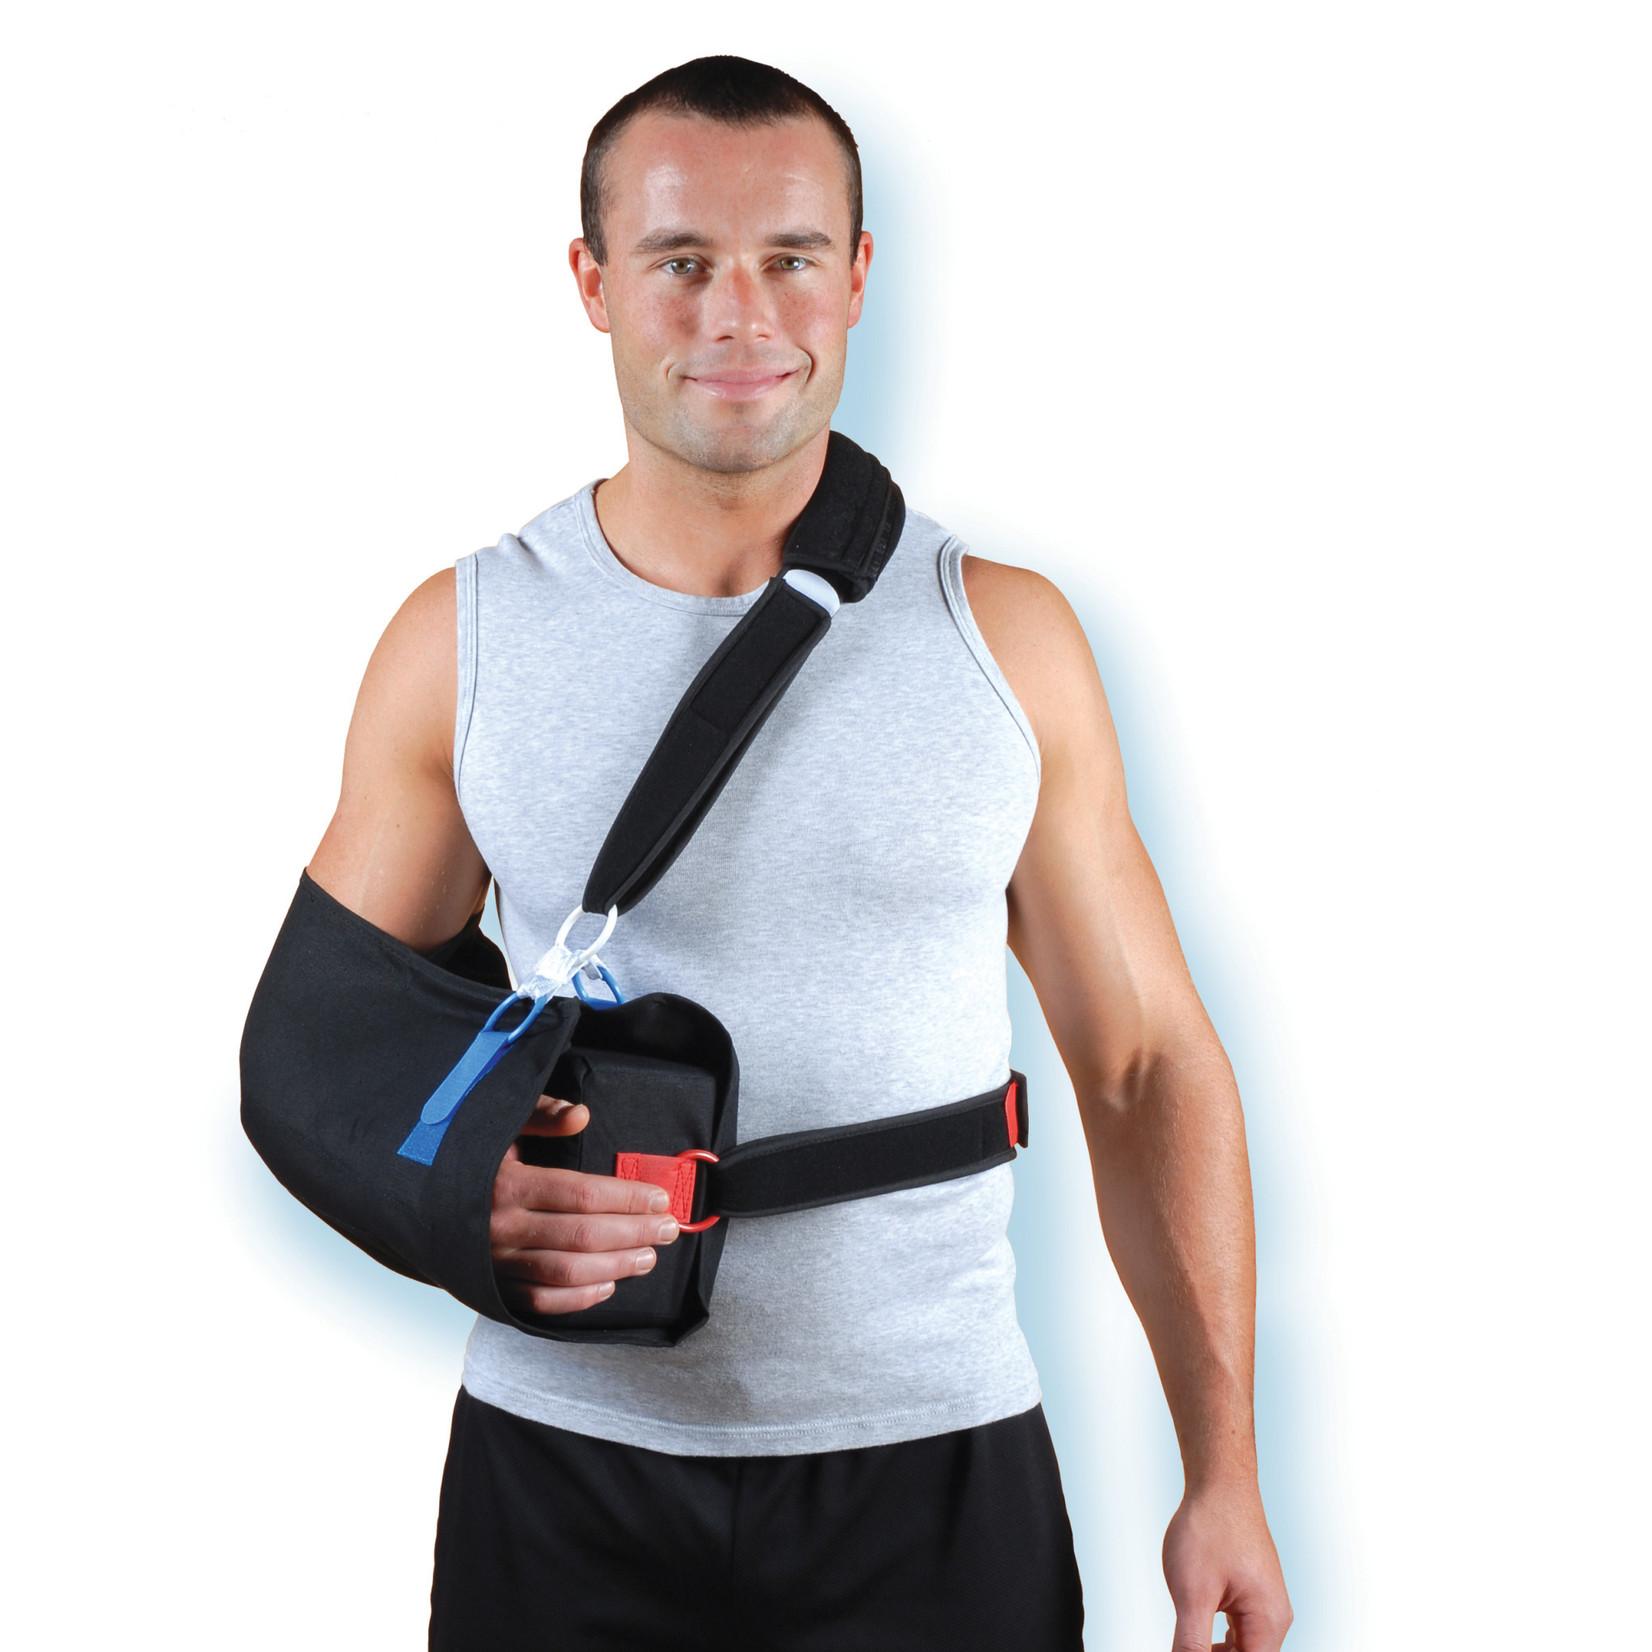 Hely & Weber Knapp Sak® II - Shoulder Abduction Kit